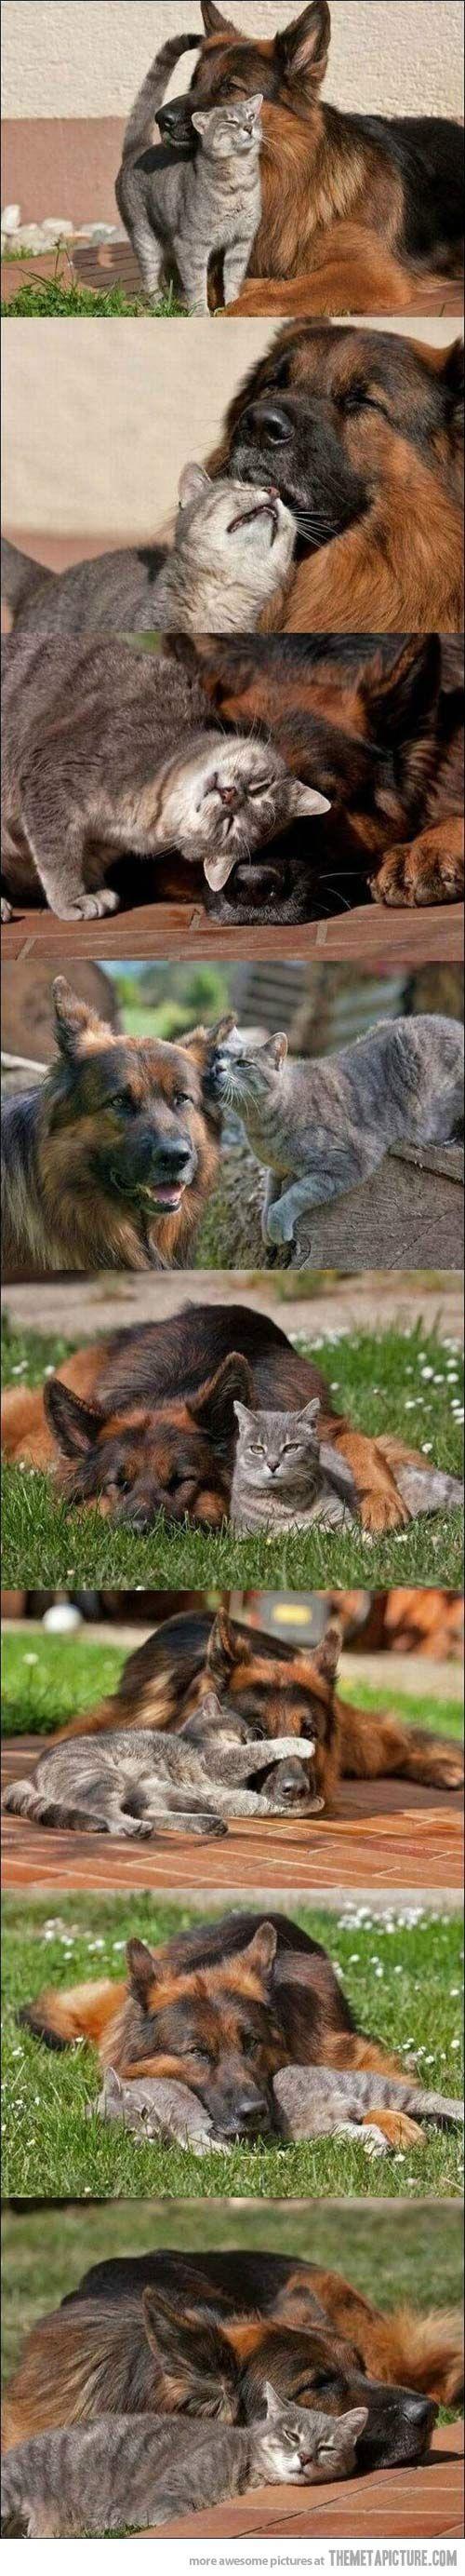 #German #Shepherd with a cat. Best friends!)